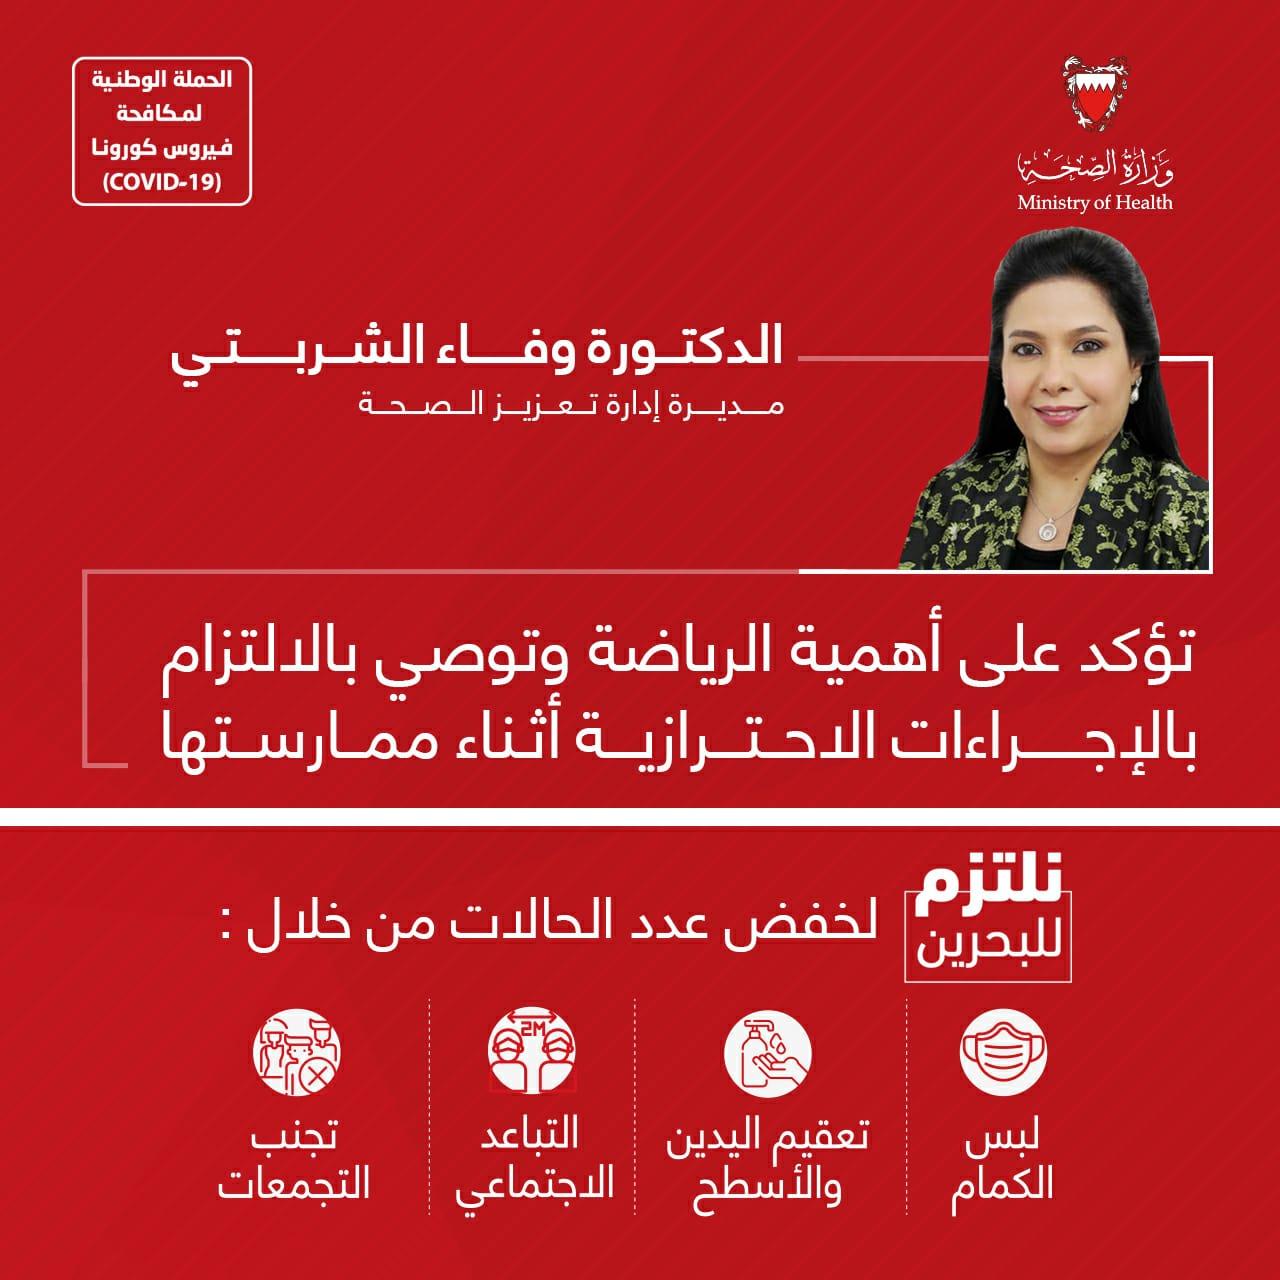 """الدكتورة """"الشربتي"""" تؤكد على أهمية الرياضة وتوصي بالالتزام بالإجراءات الاحترازية أثناء ممارستها"""